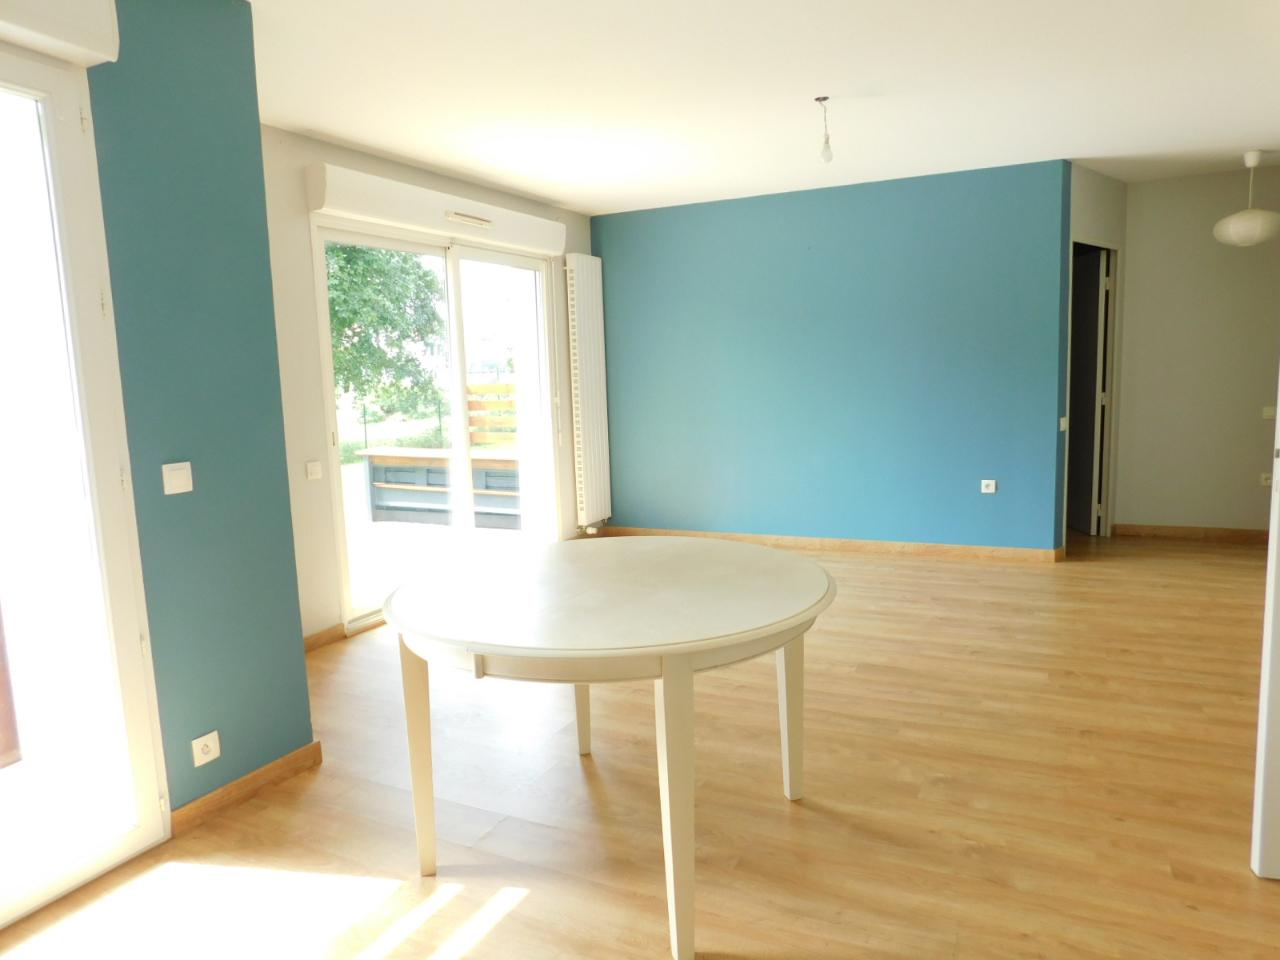 Vente appartement T2  à SAINT PEE SUR NIVELLE - 2